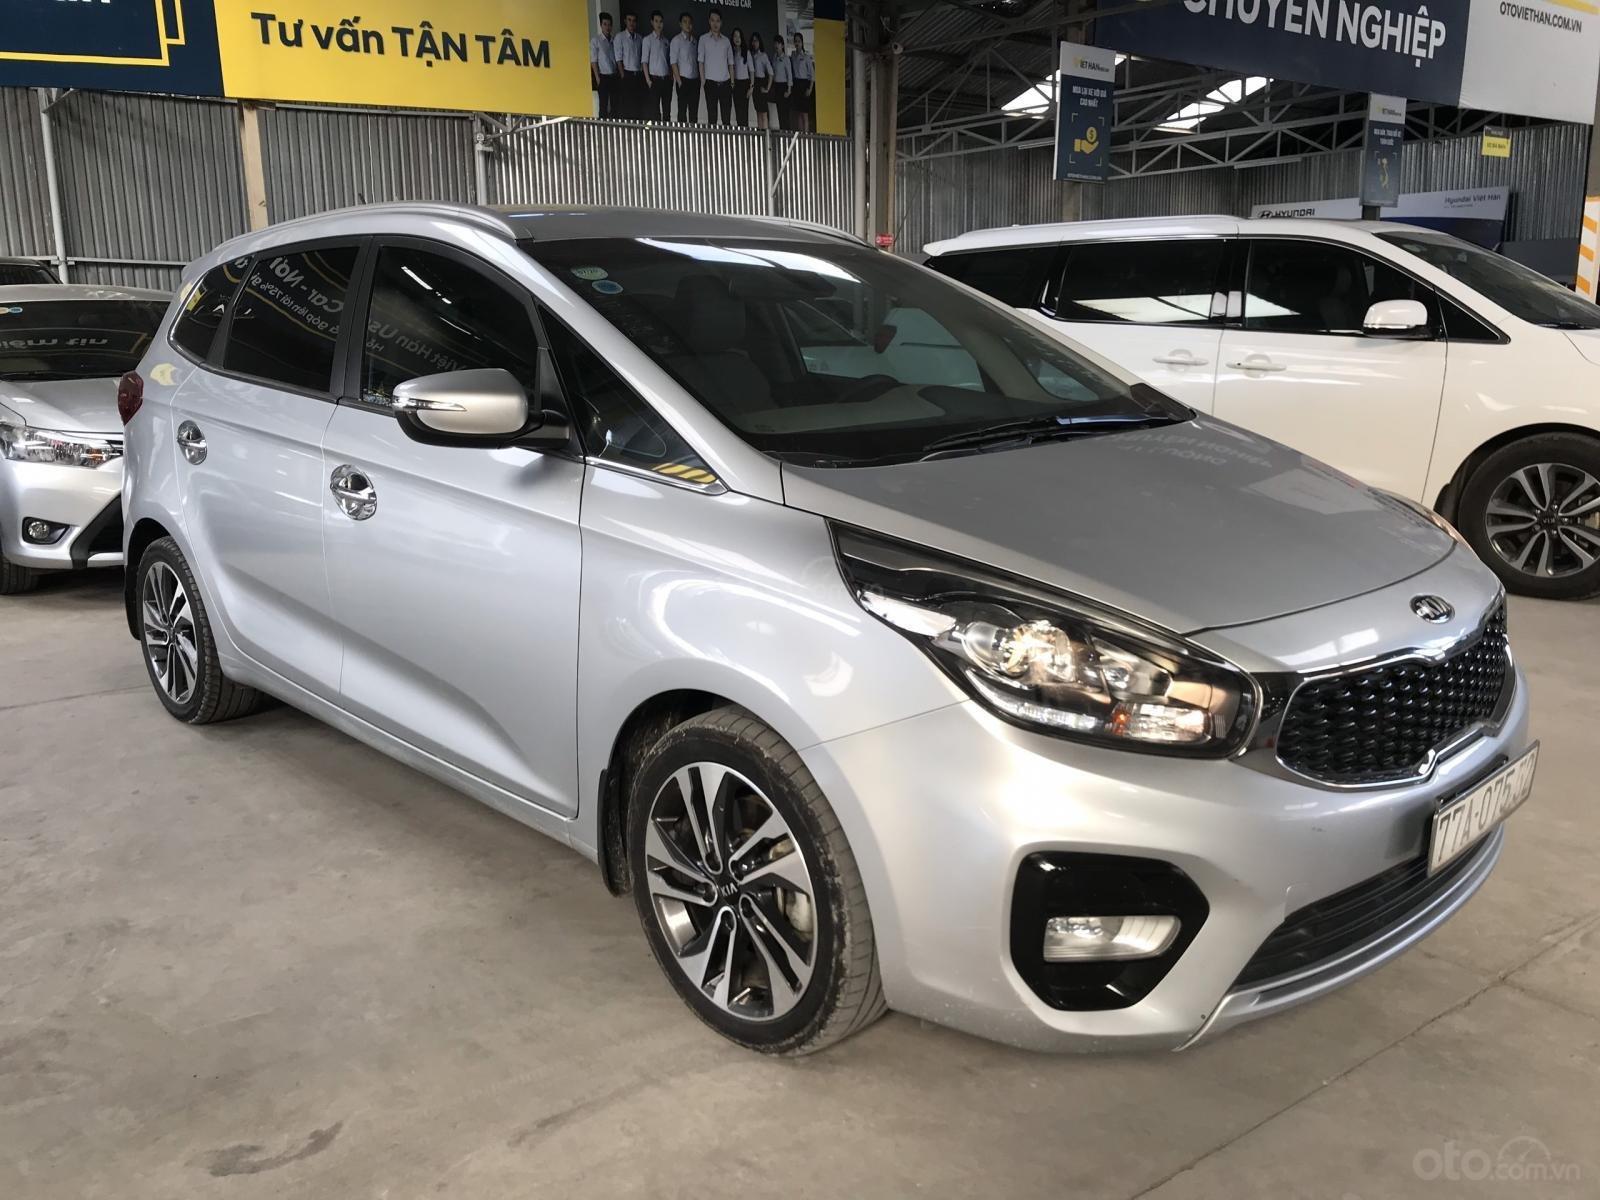 Bán Kia Rondo GAT 2.0AT màu bạc số tự động sản xuất 2017 đi 37000km (4)